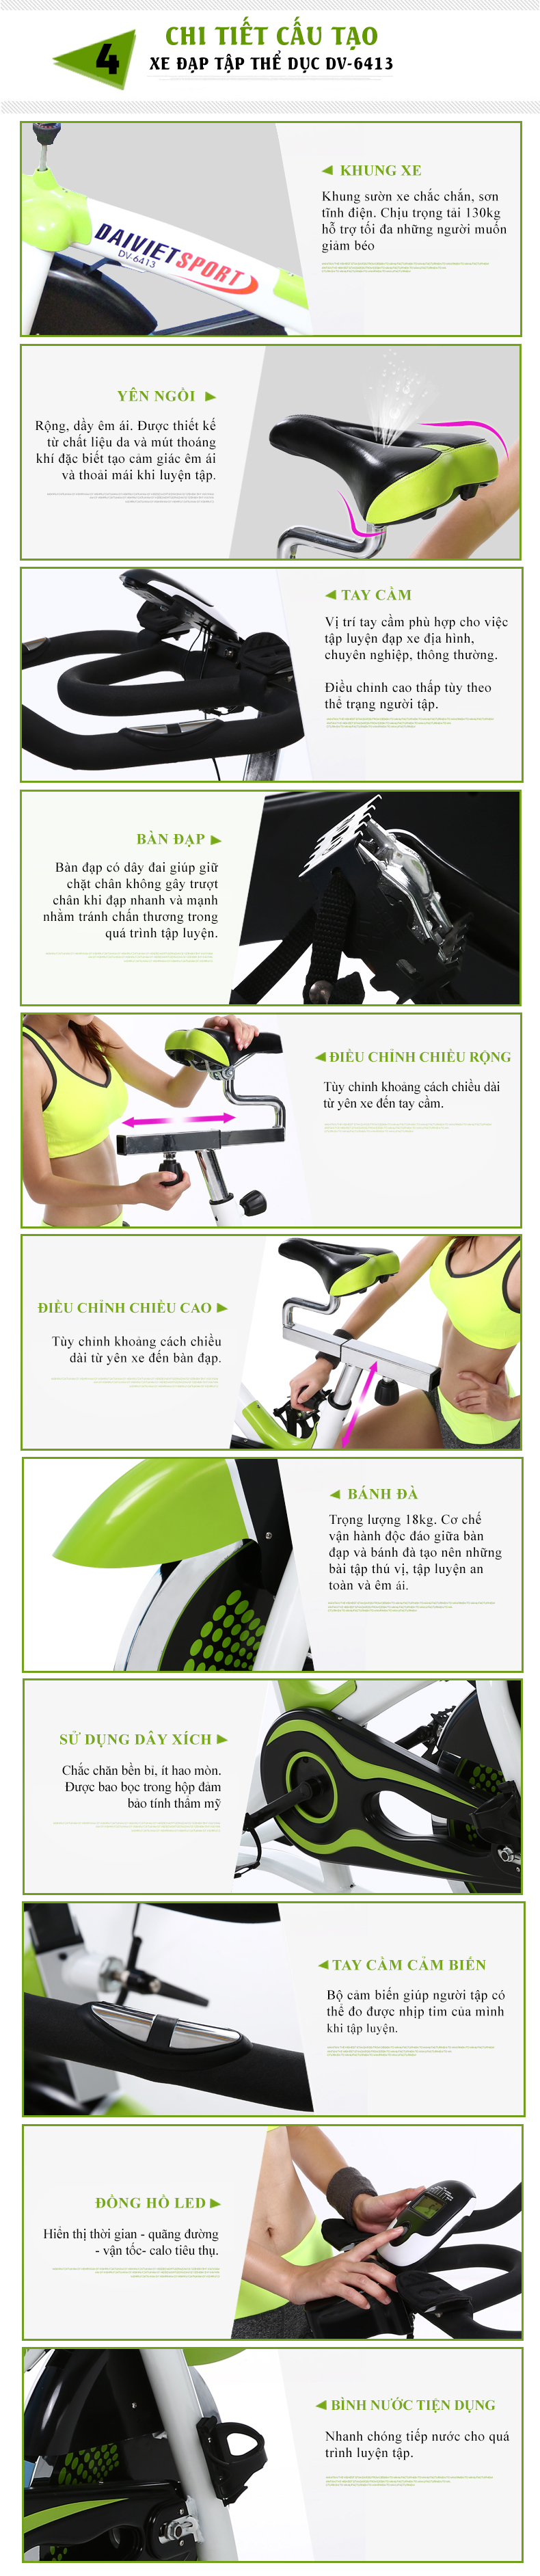 Chi tiết xe đạp tập gym DV-6413